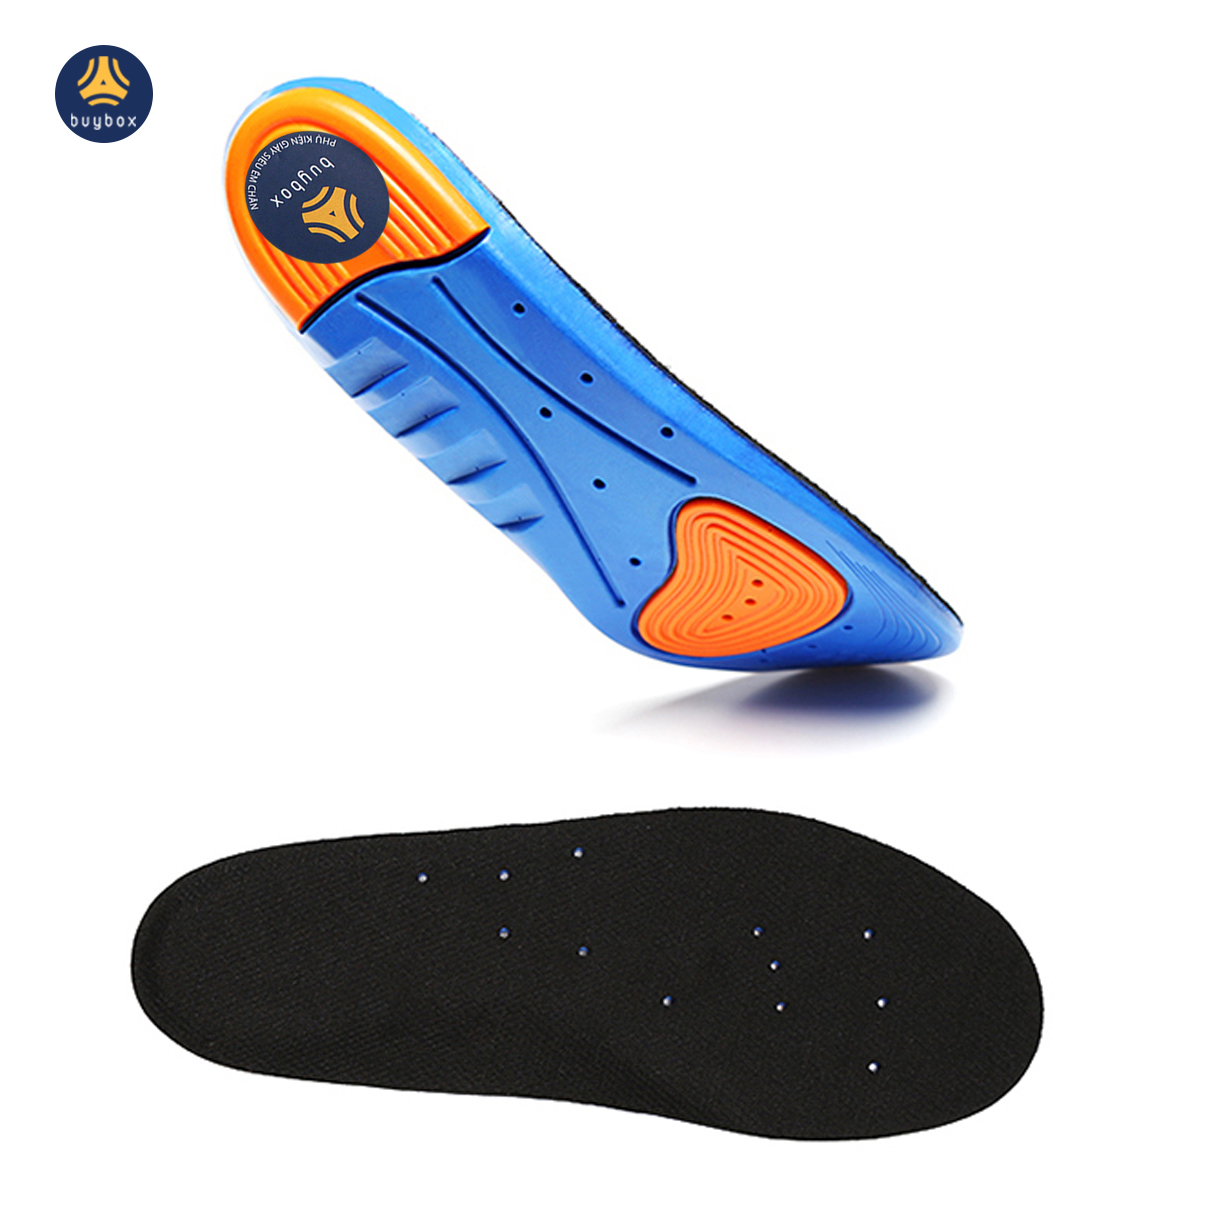 Lót giày thể thao EVA biết thở và có 2 đệm chịu lực hỗ trợ vận động thể thao - Đen phối xanh - buybox - BBPK155